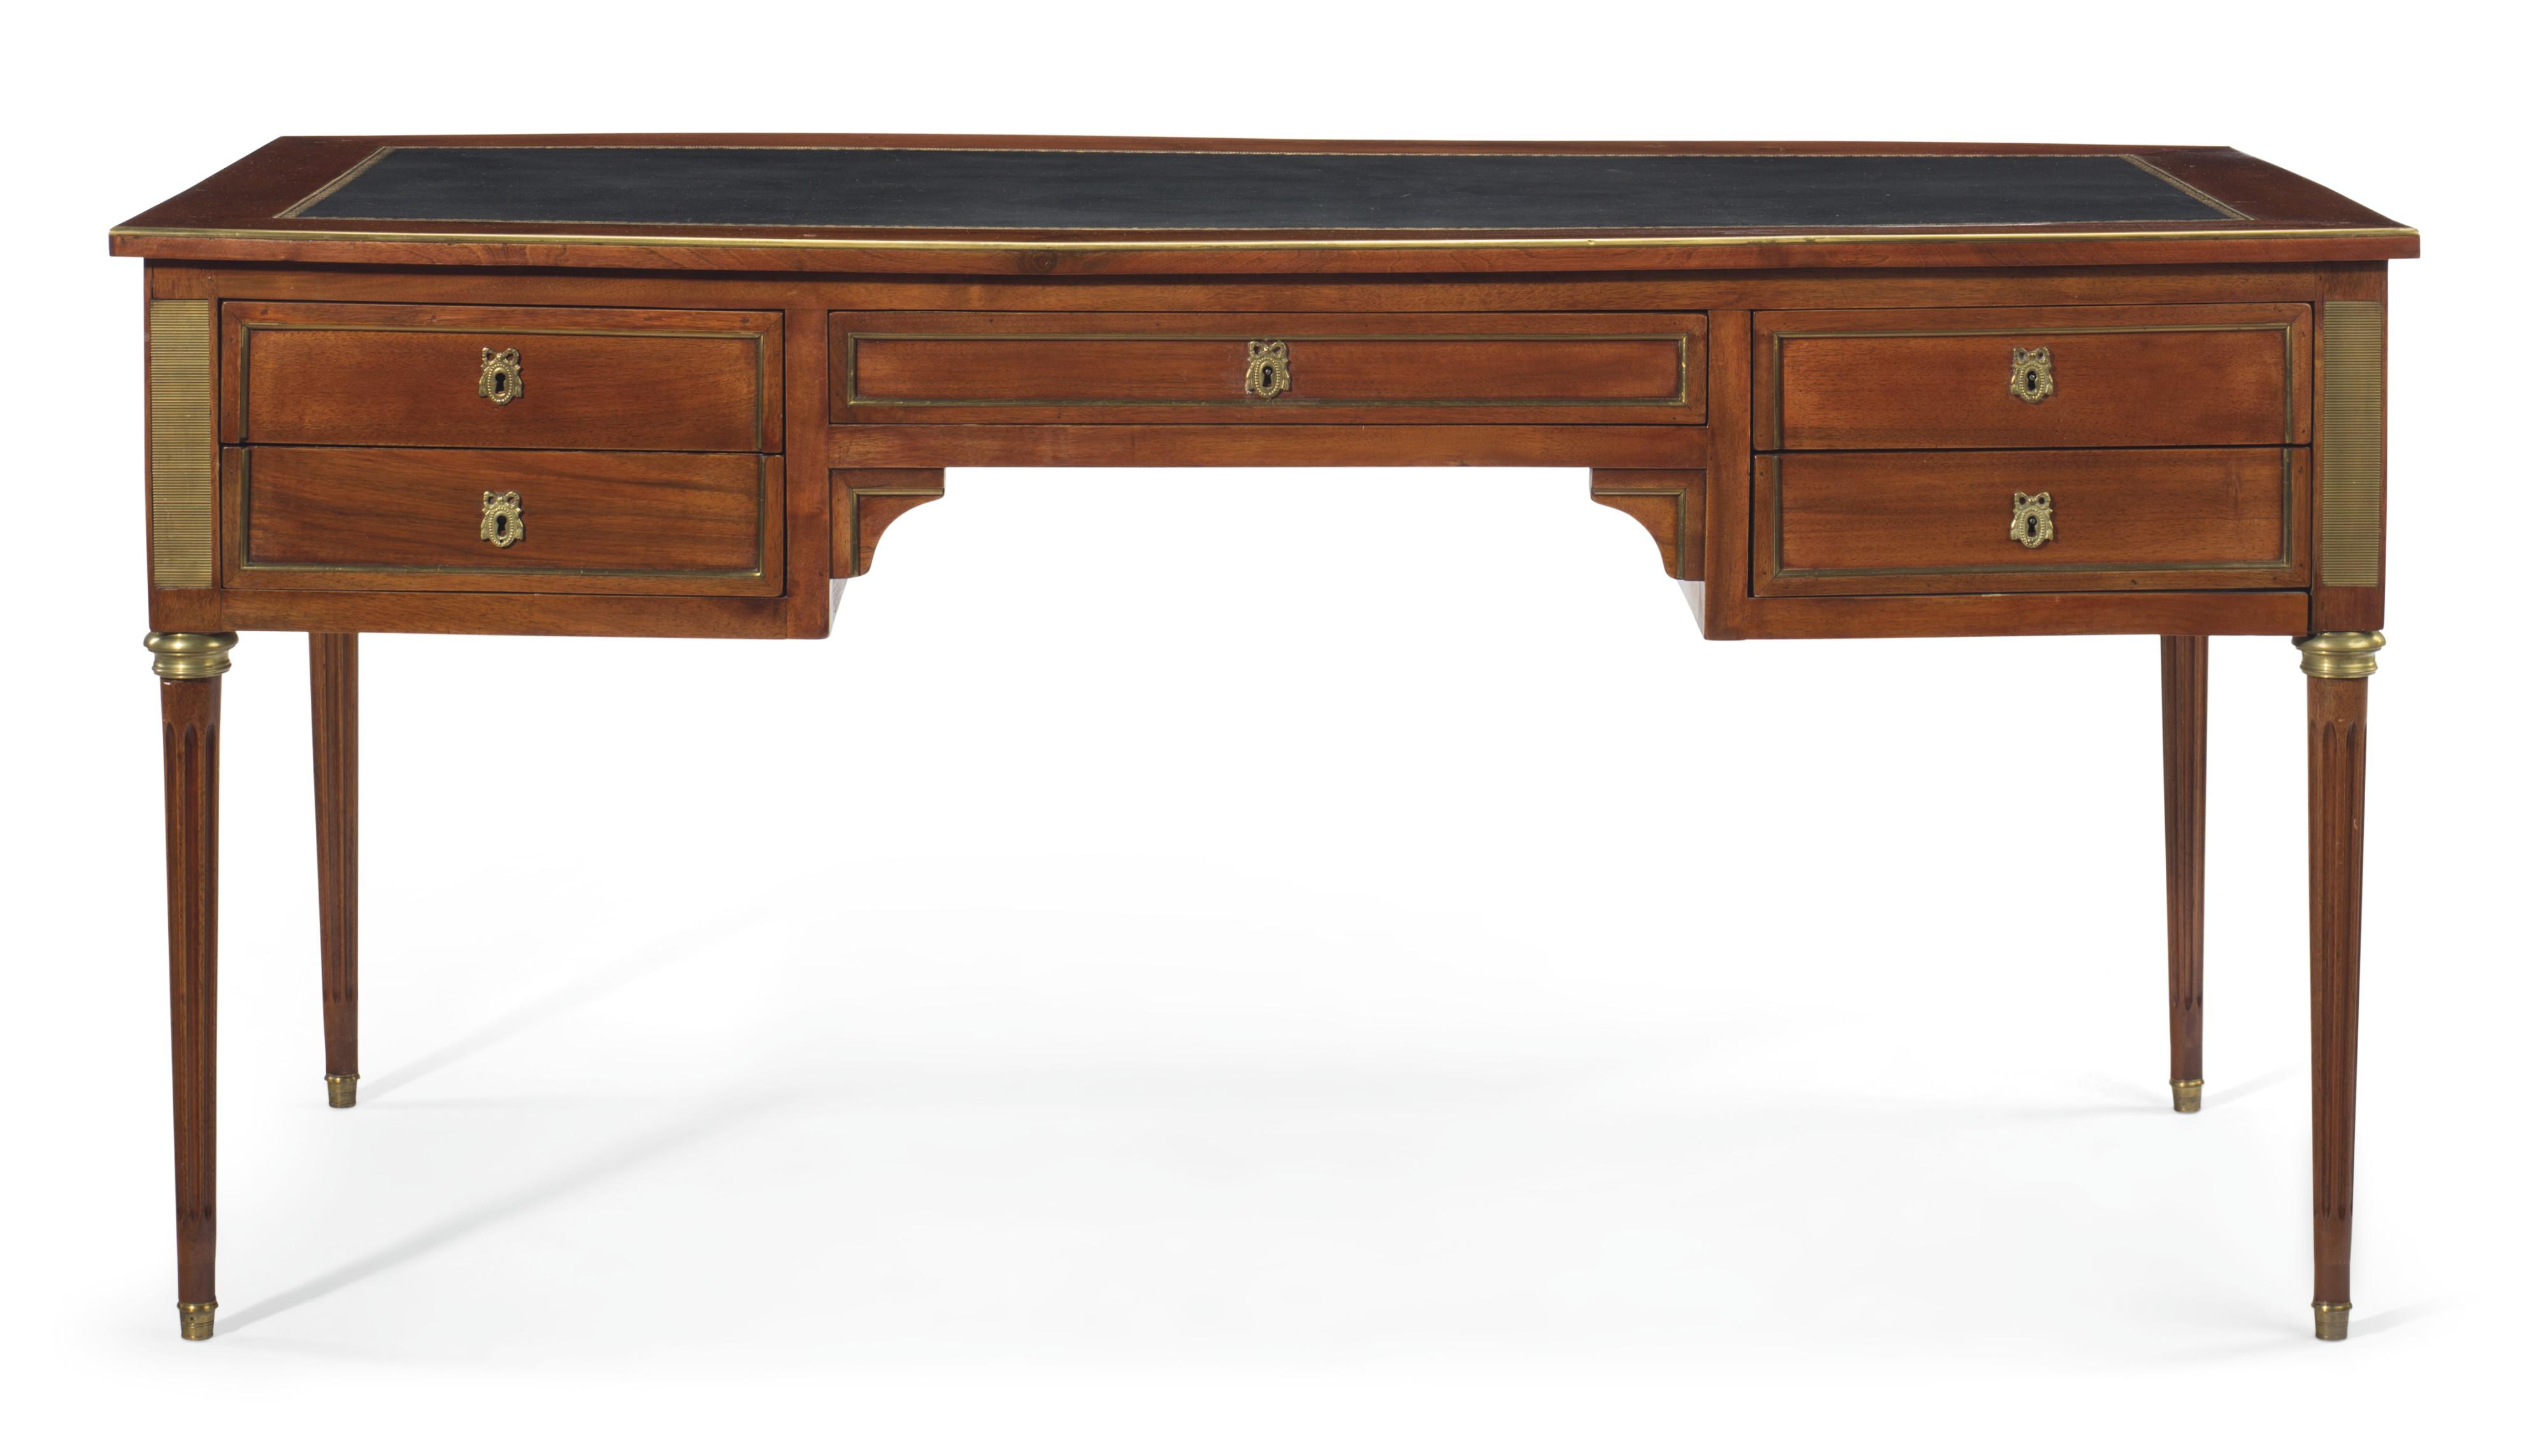 A french ormolu mounted mahogany bureau plat by maison jansen